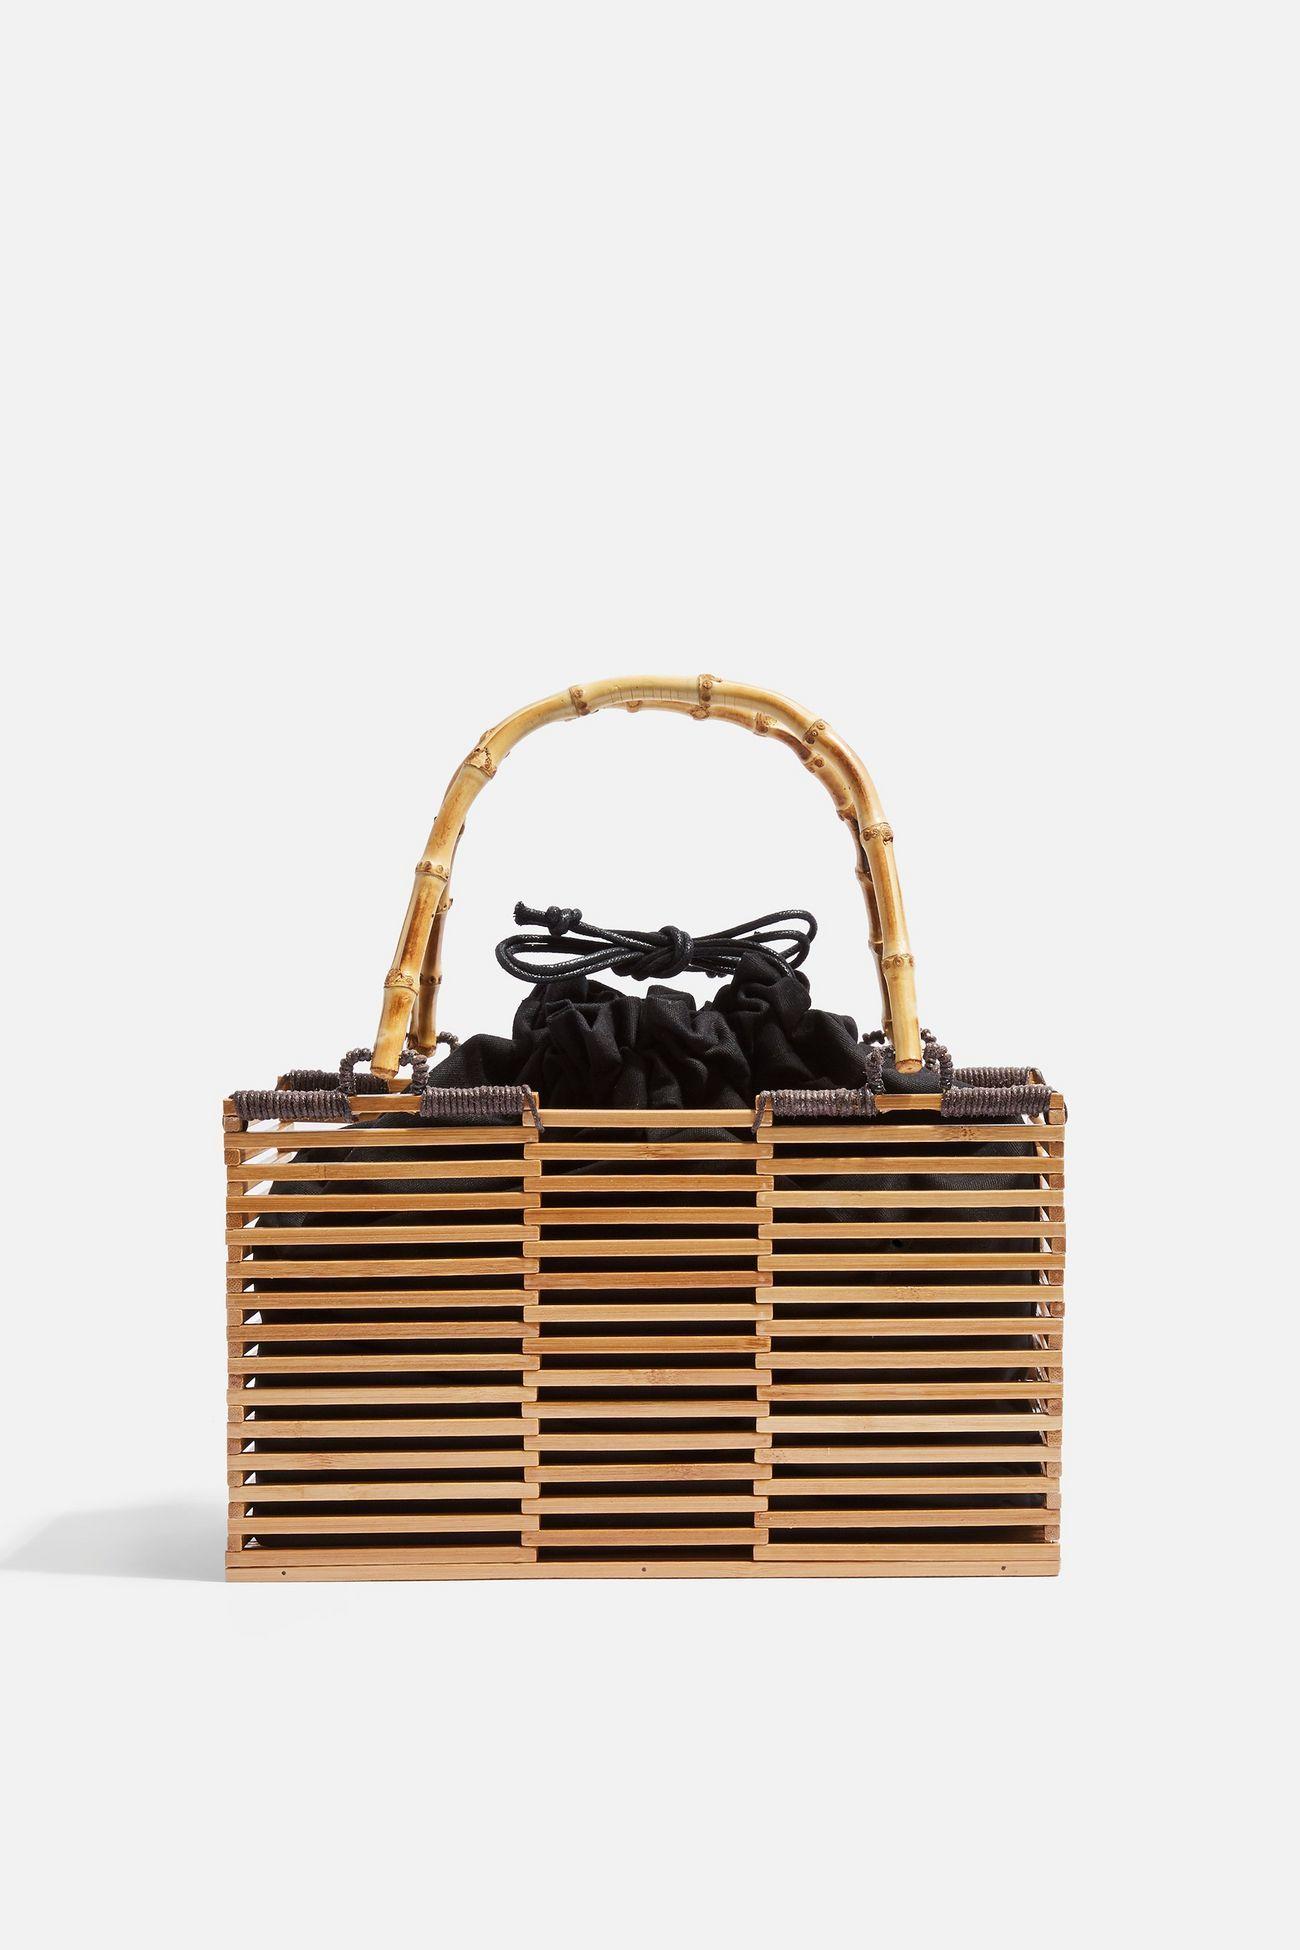 Topshop bamboo bag